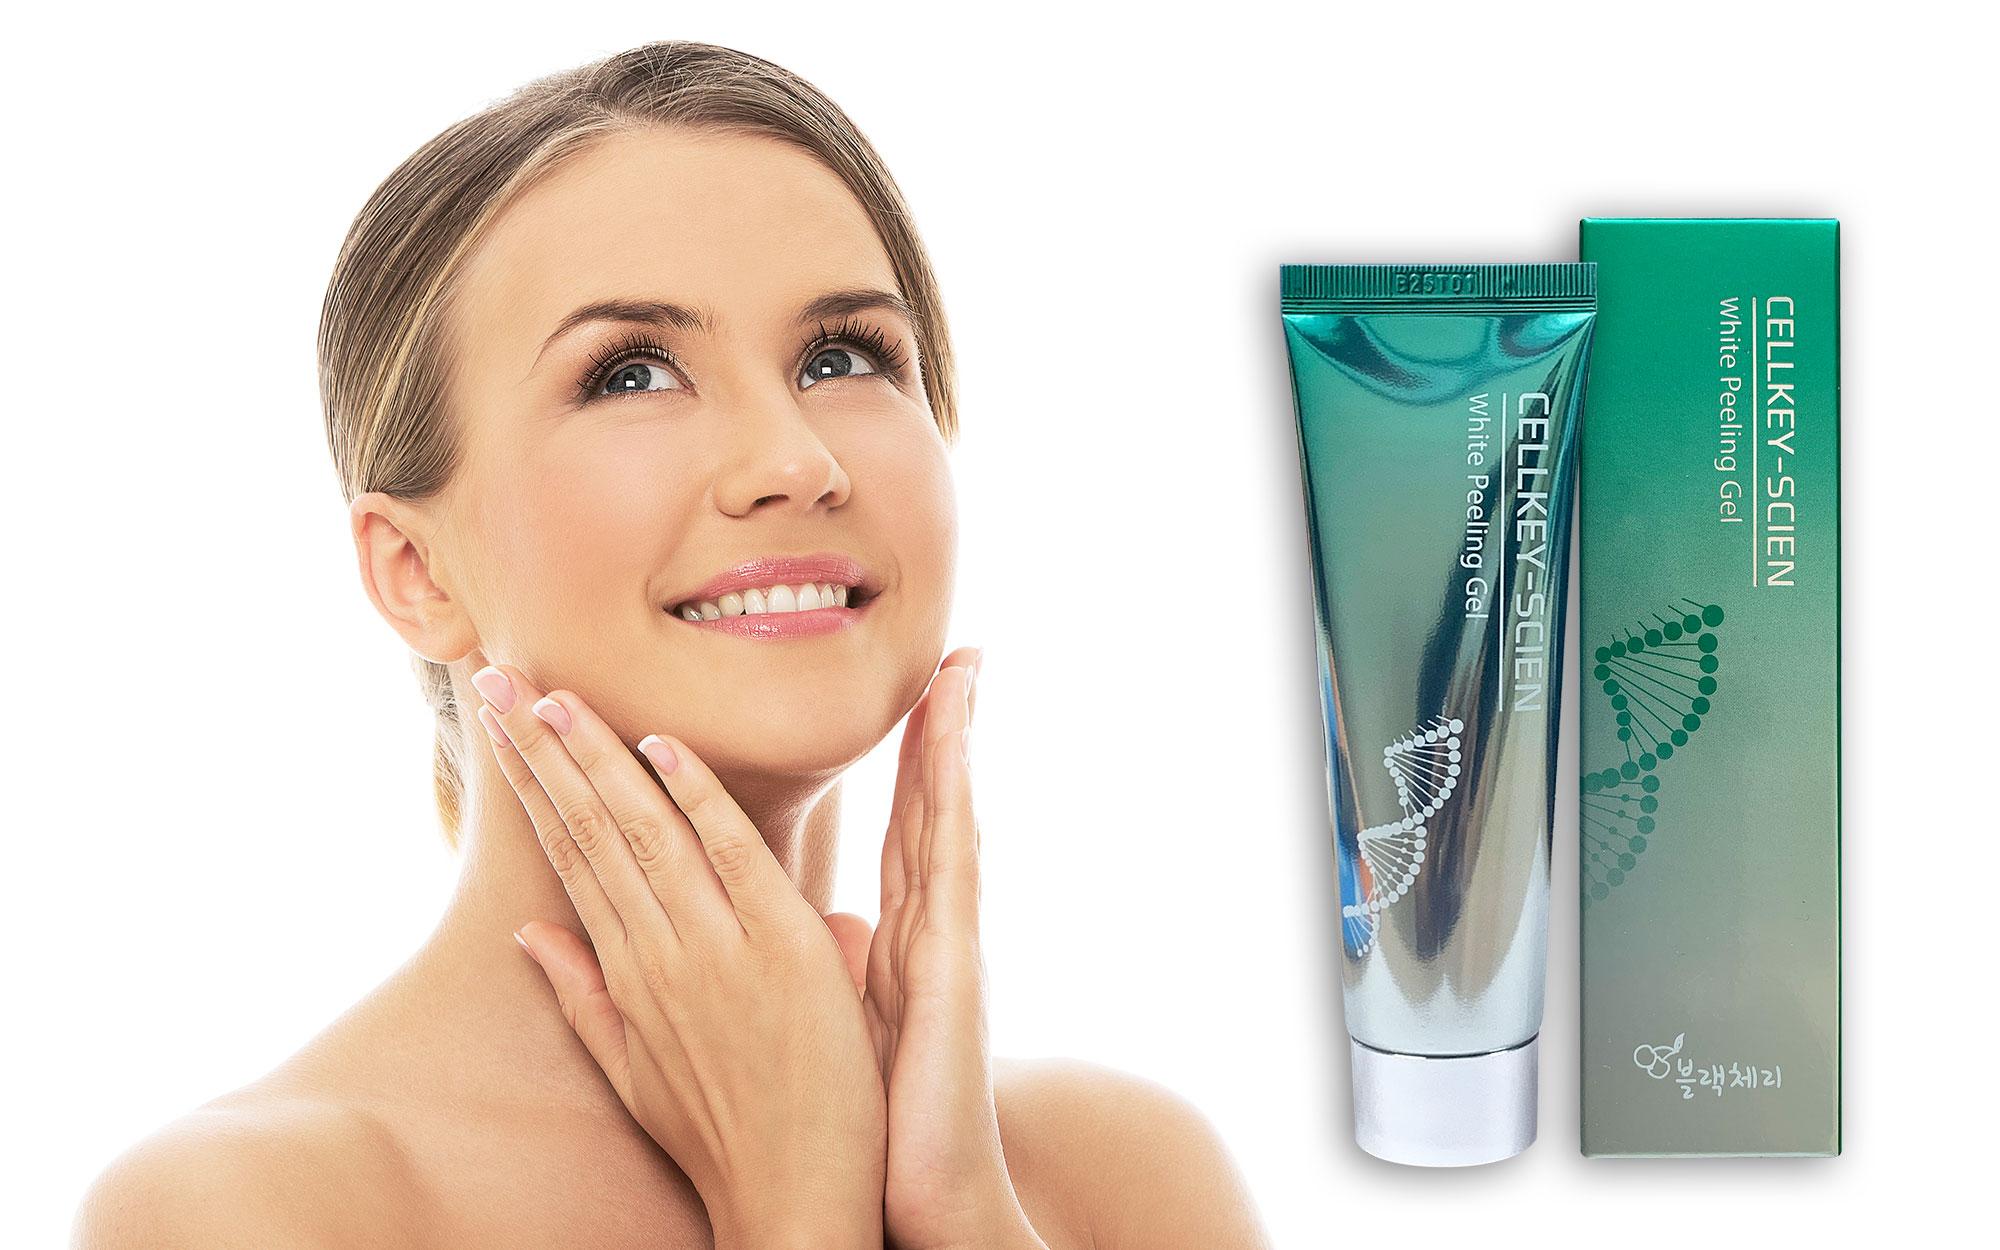 Tẩy da chết sẽ giúp làn da của bạn tươi sáng tràn đầy sức sống.